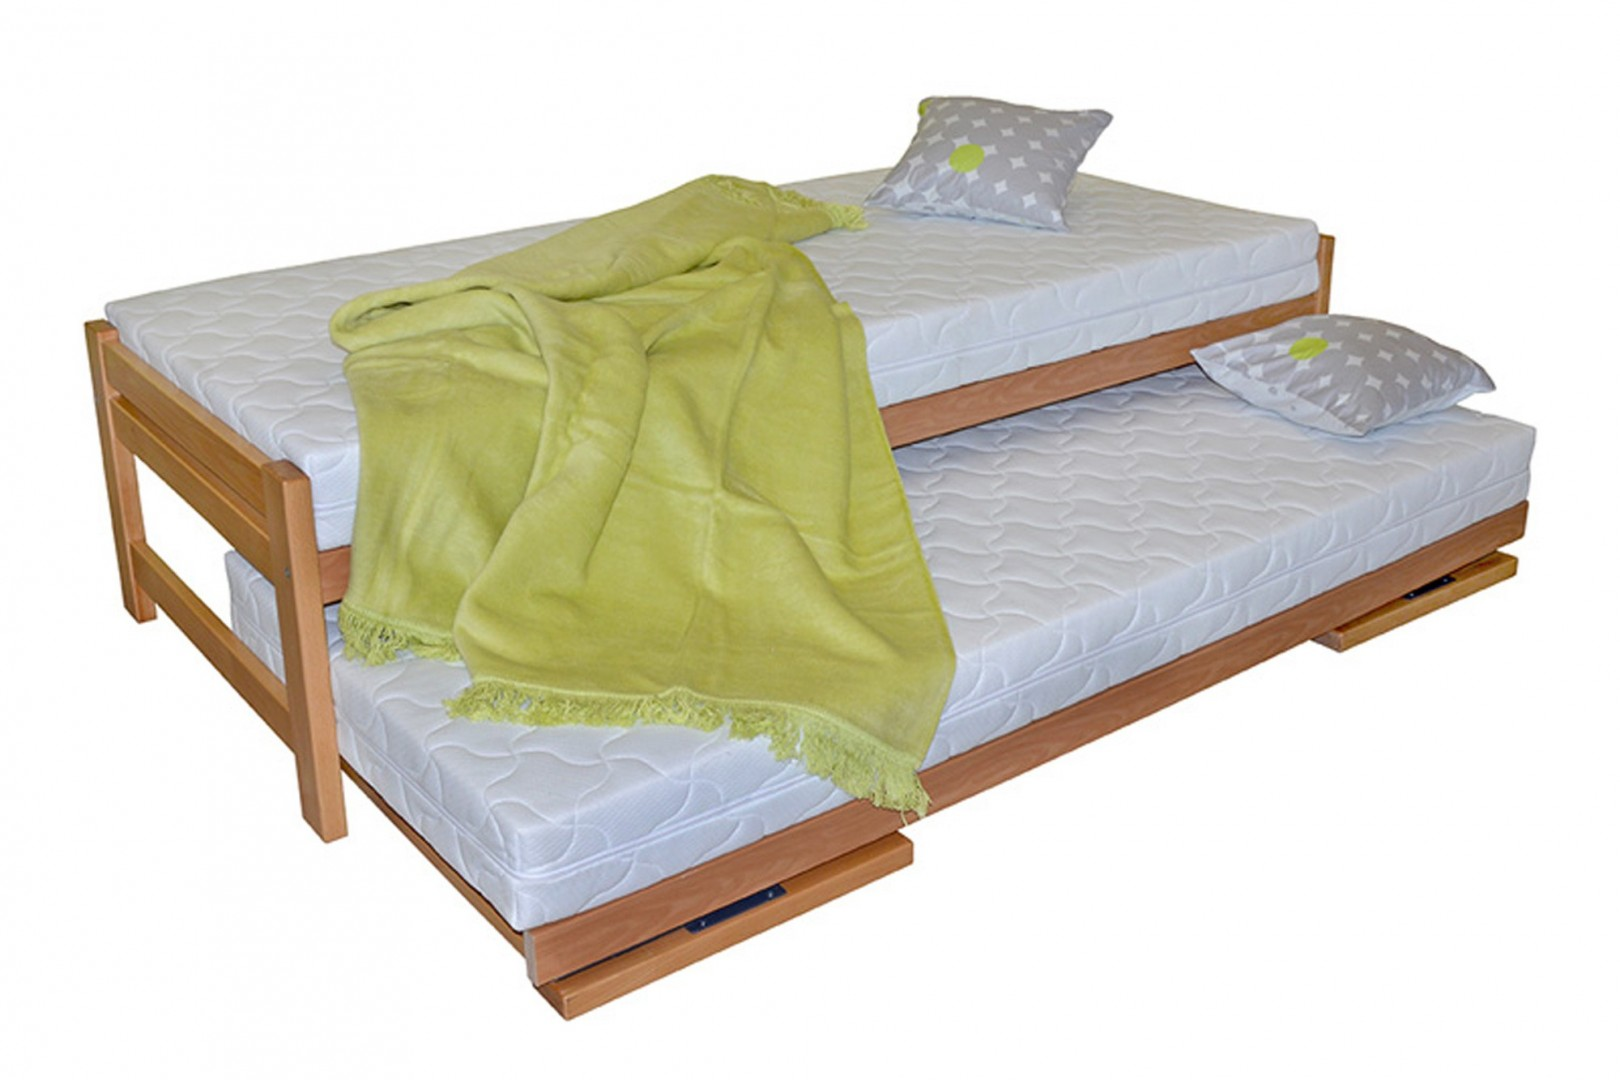 Ahorn DUELO - rozkládací lůžko bez matrací